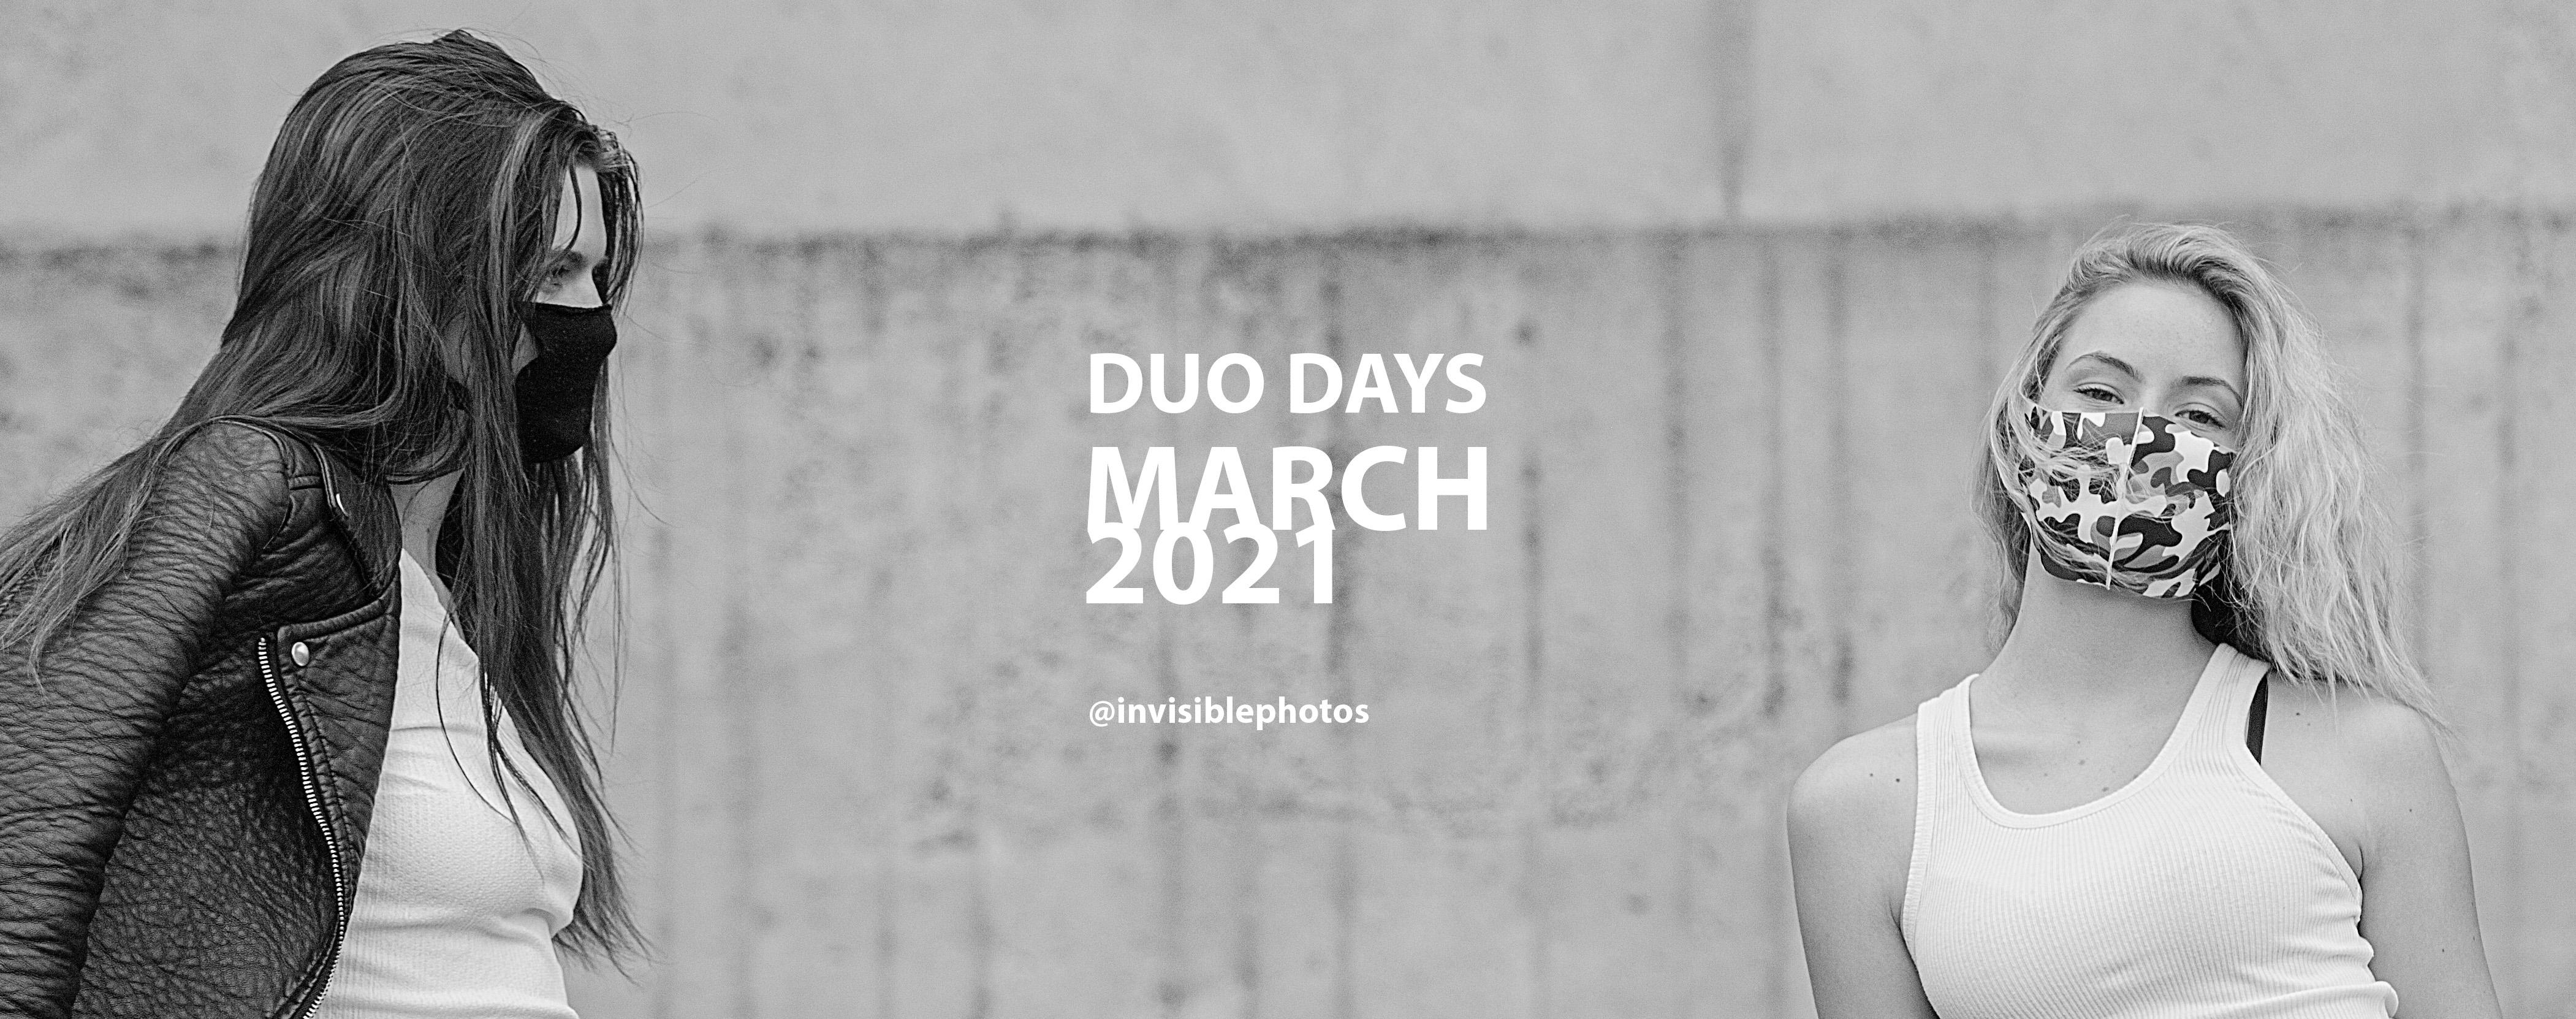 0Q3Q3711slice-DUO DAYS